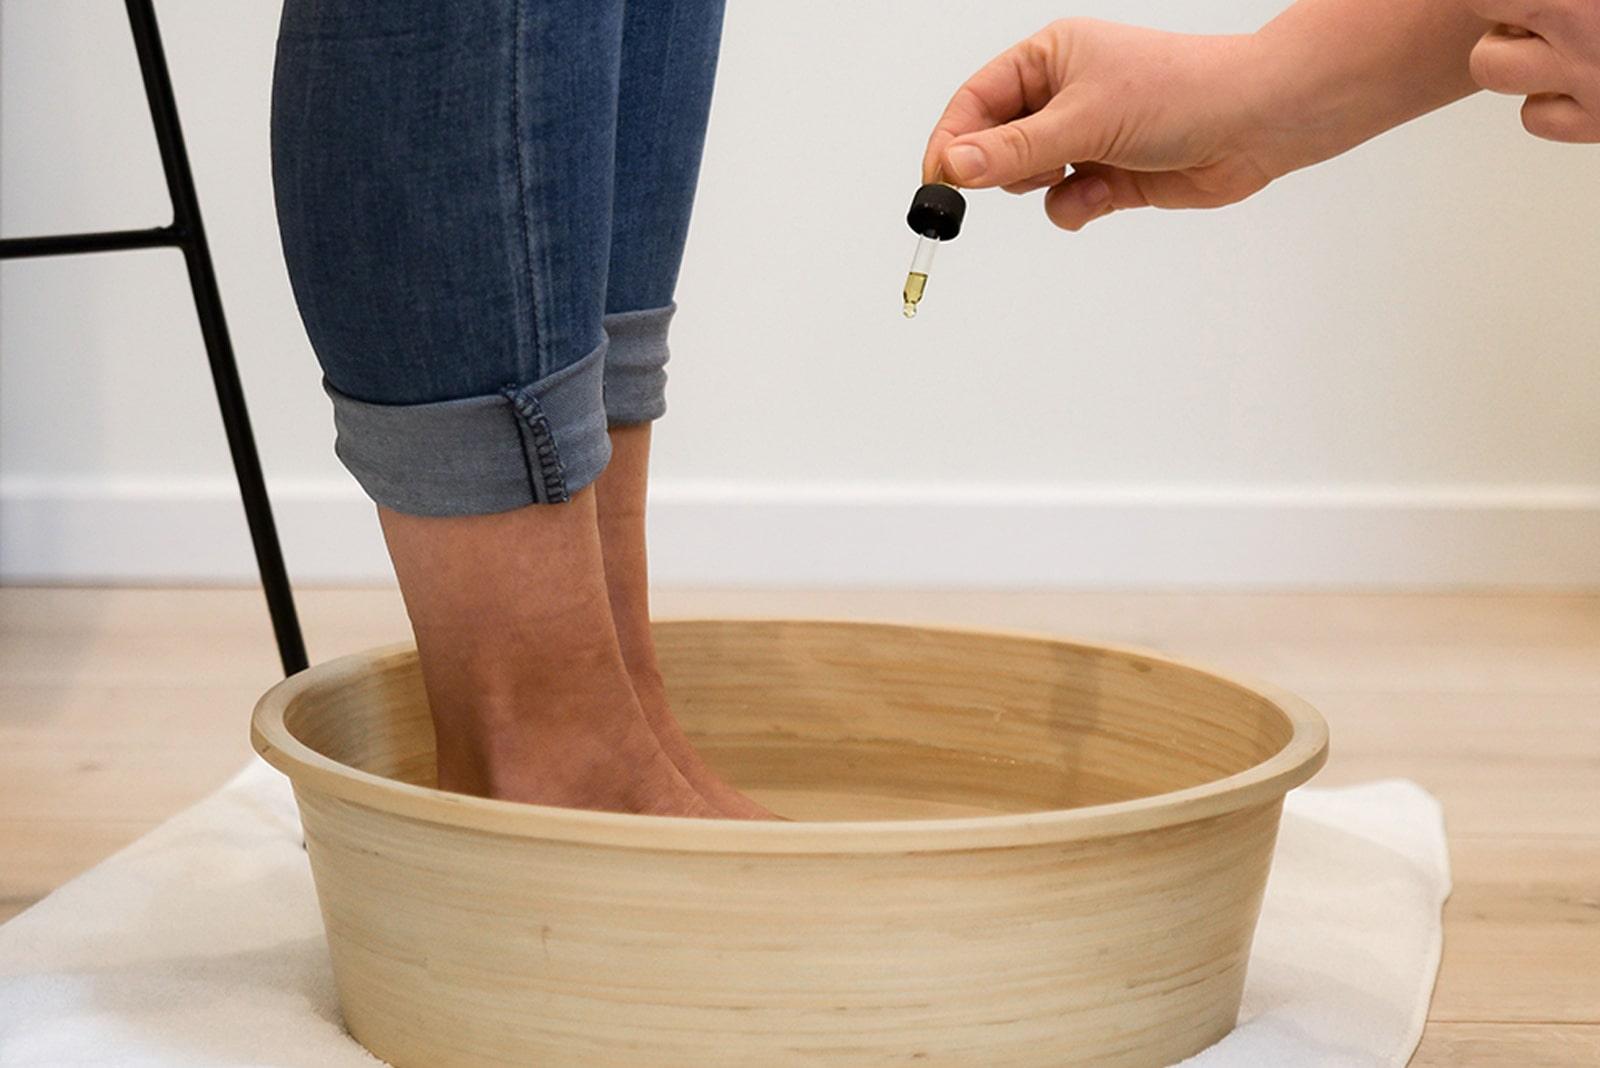 voetenbad huidverzorging puur en passie-